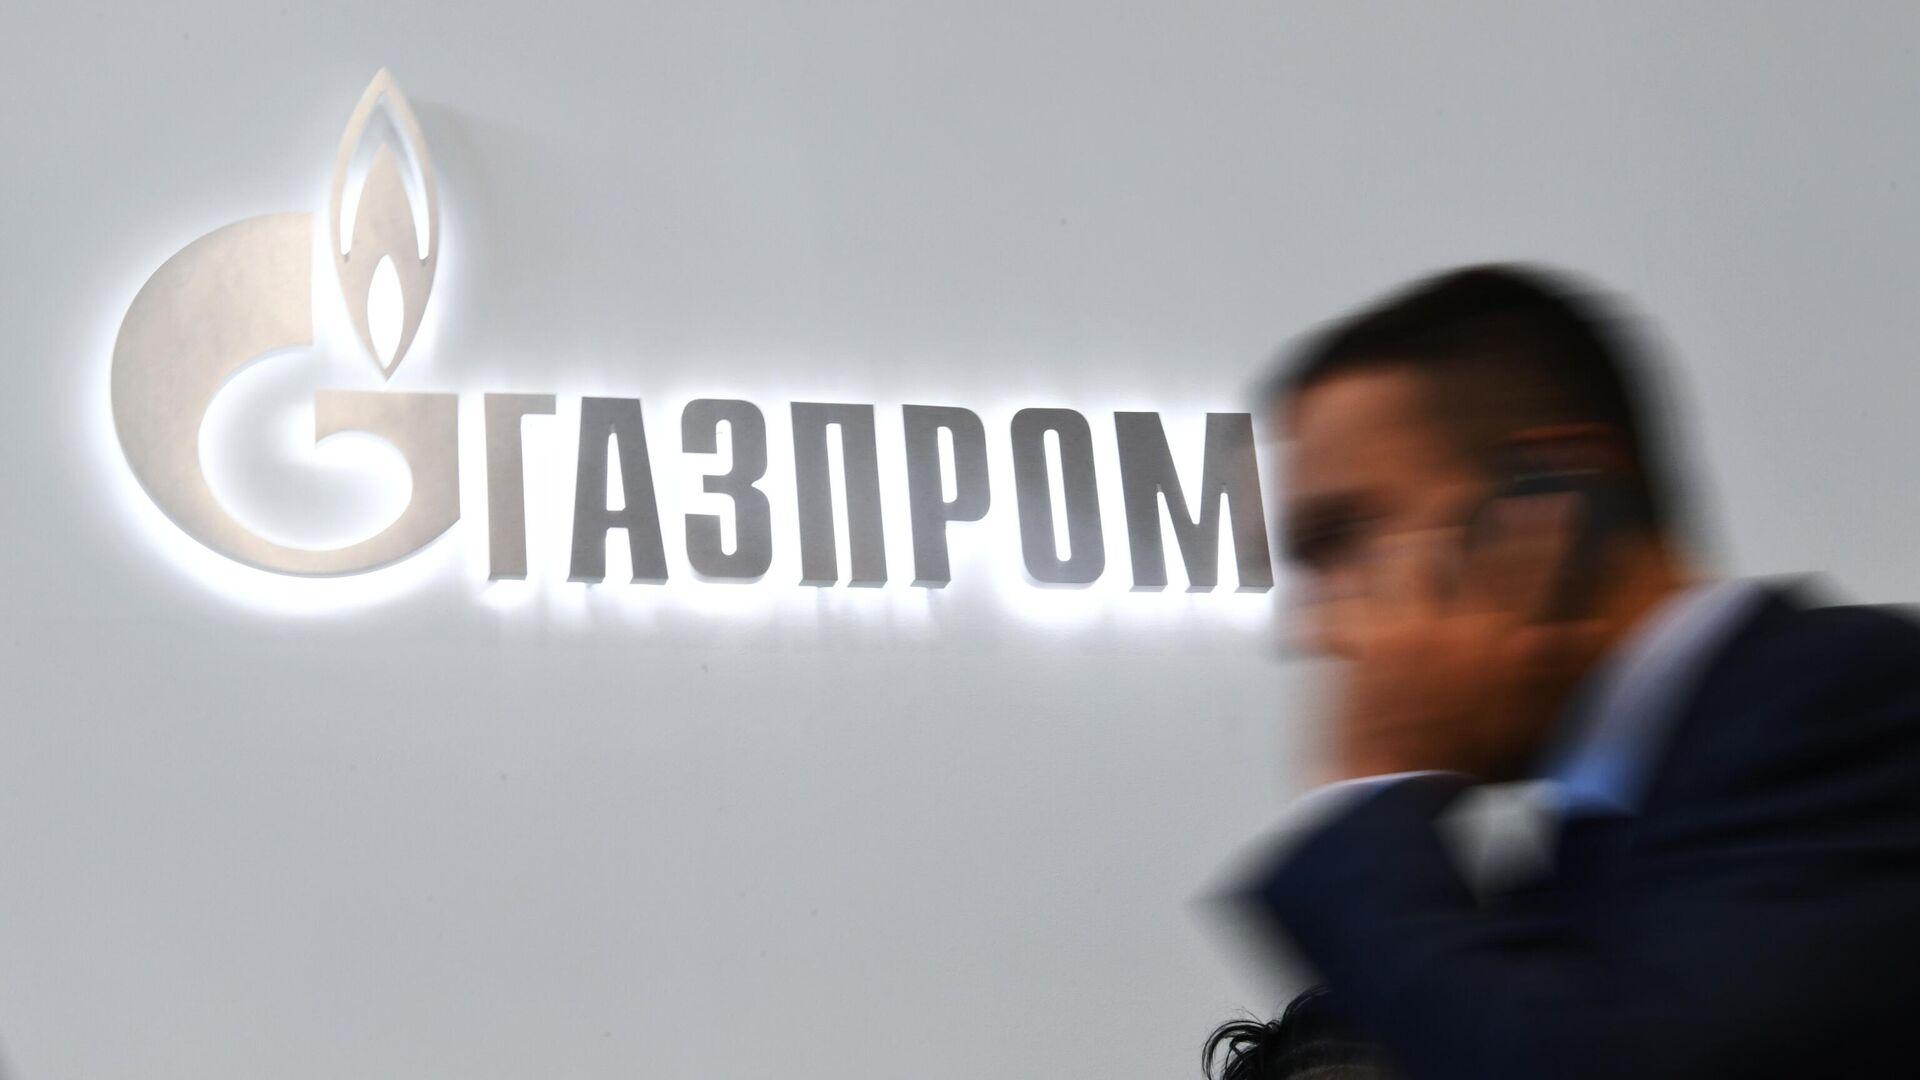 Павильон компании Газпром  - РИА Новости, 1920, 07.10.2020